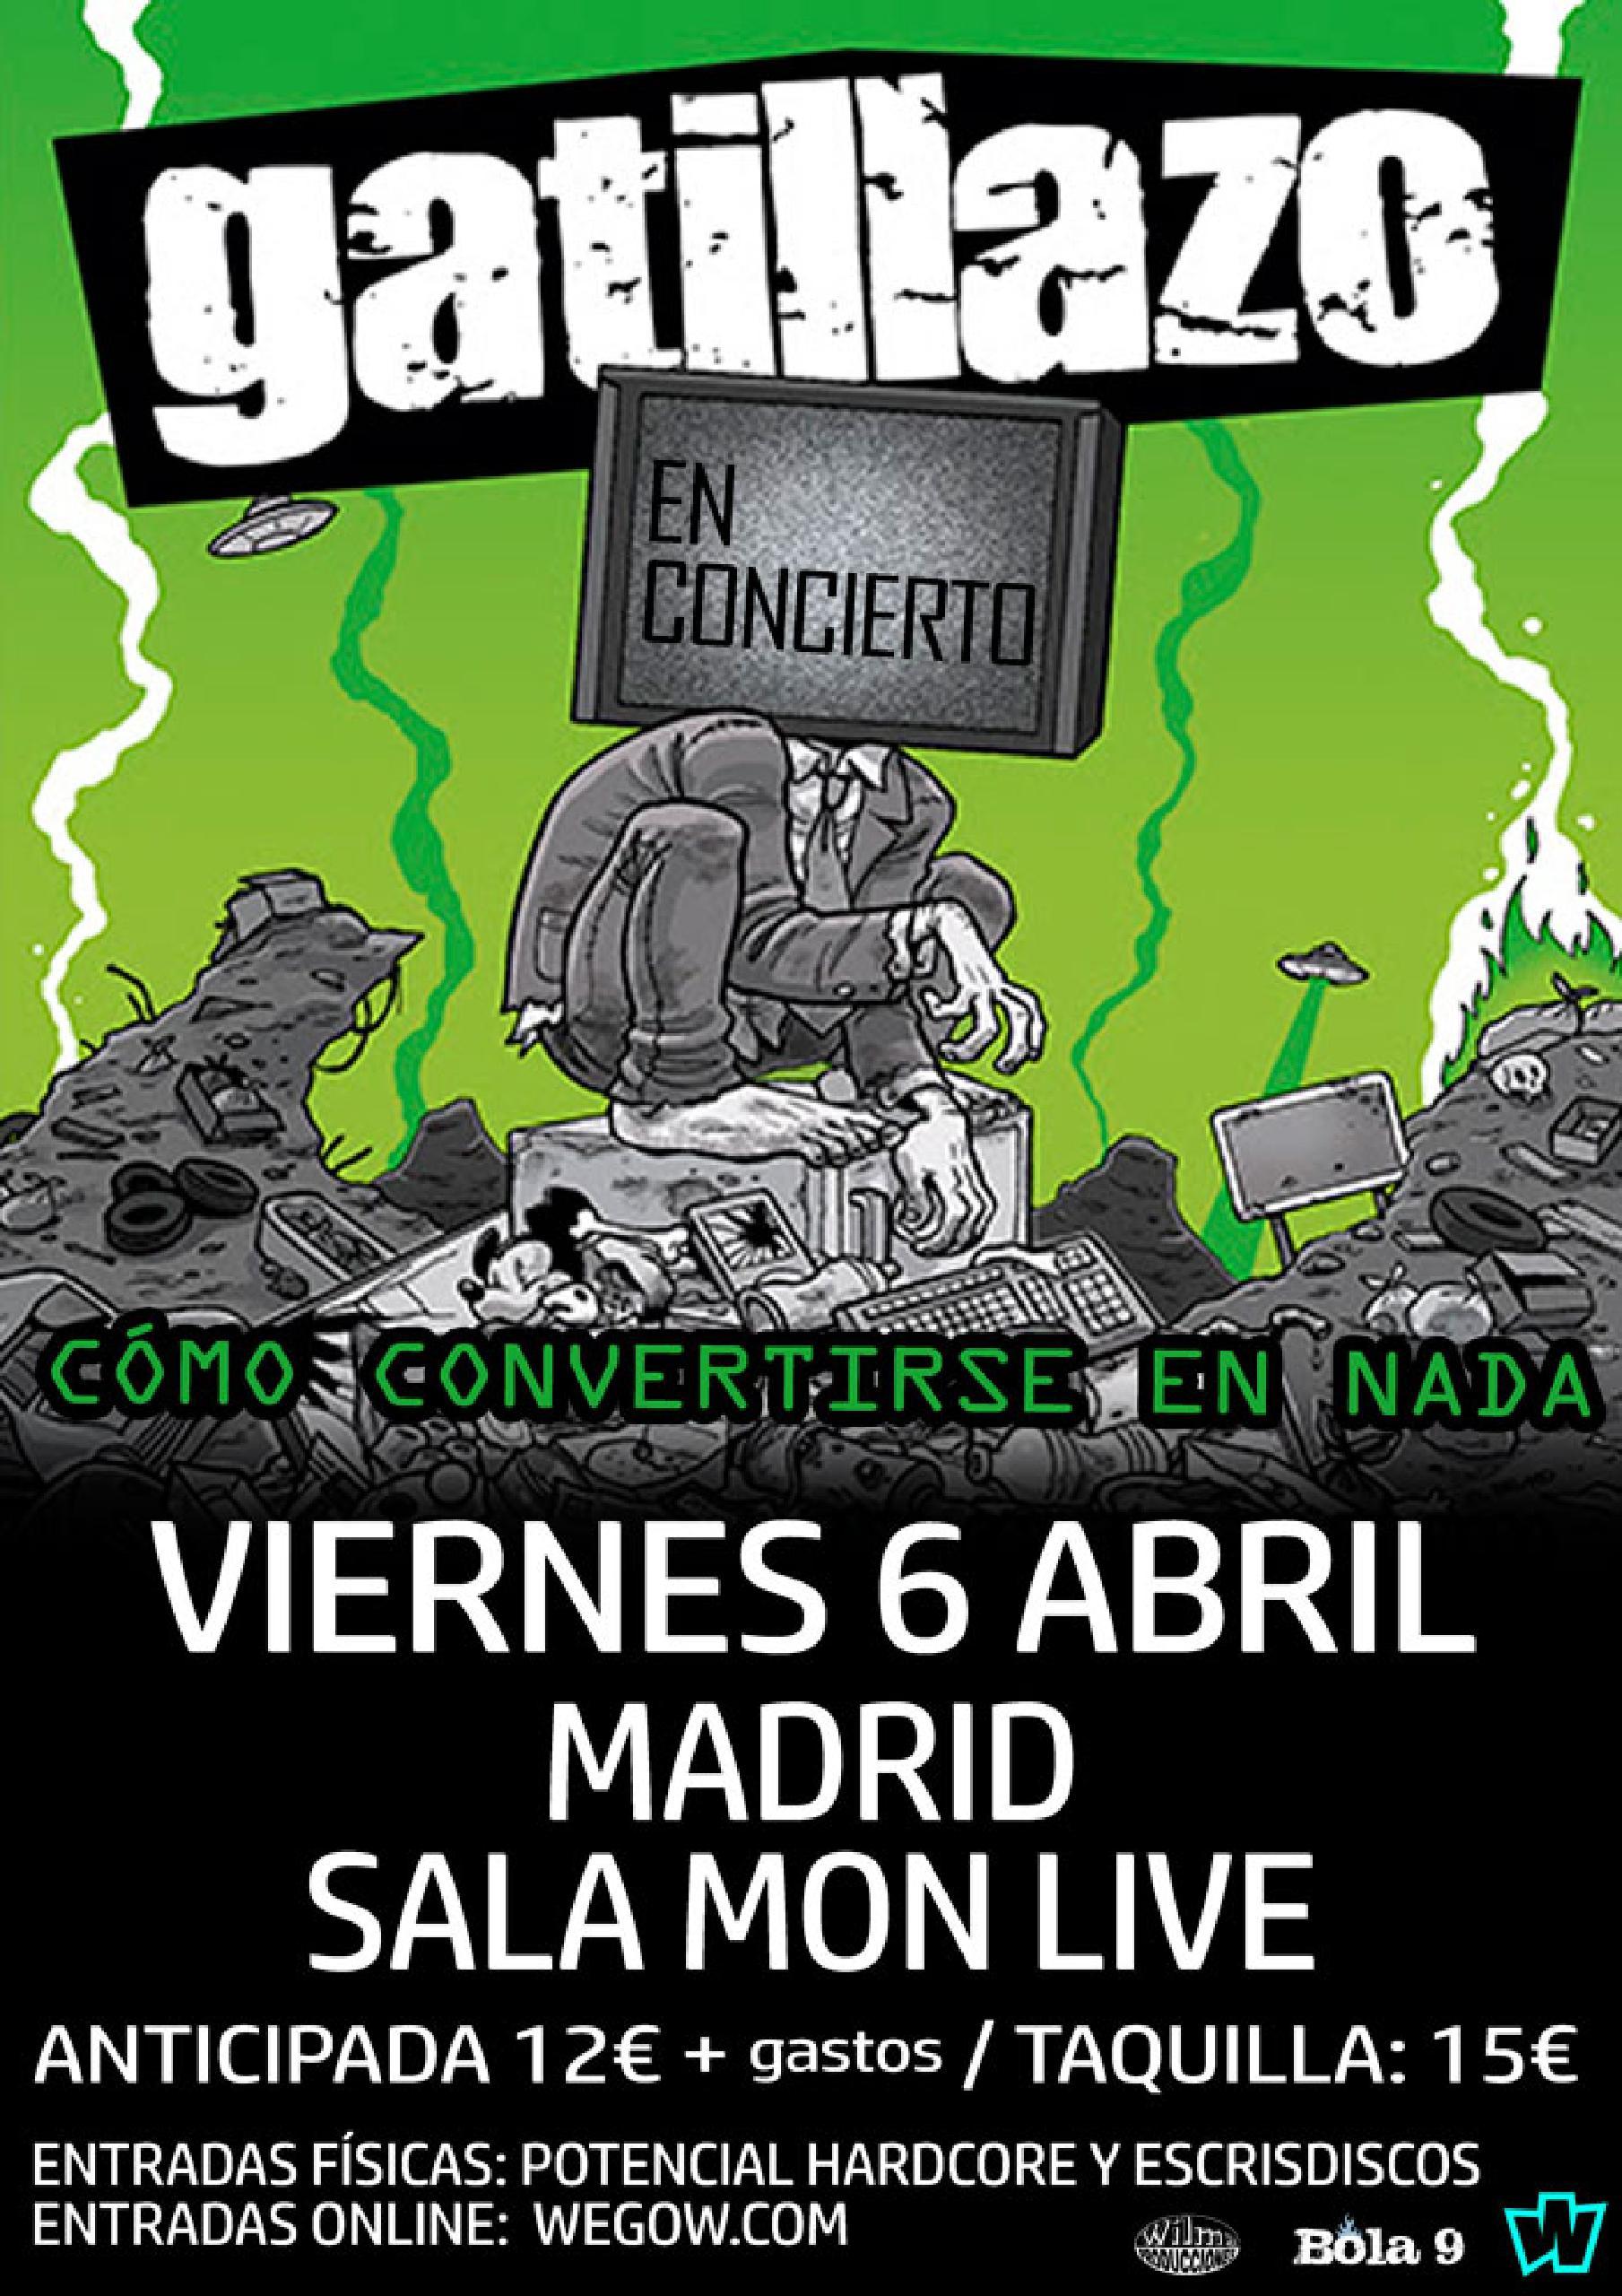 CONCIERTO de GATILLAZO en MADRID